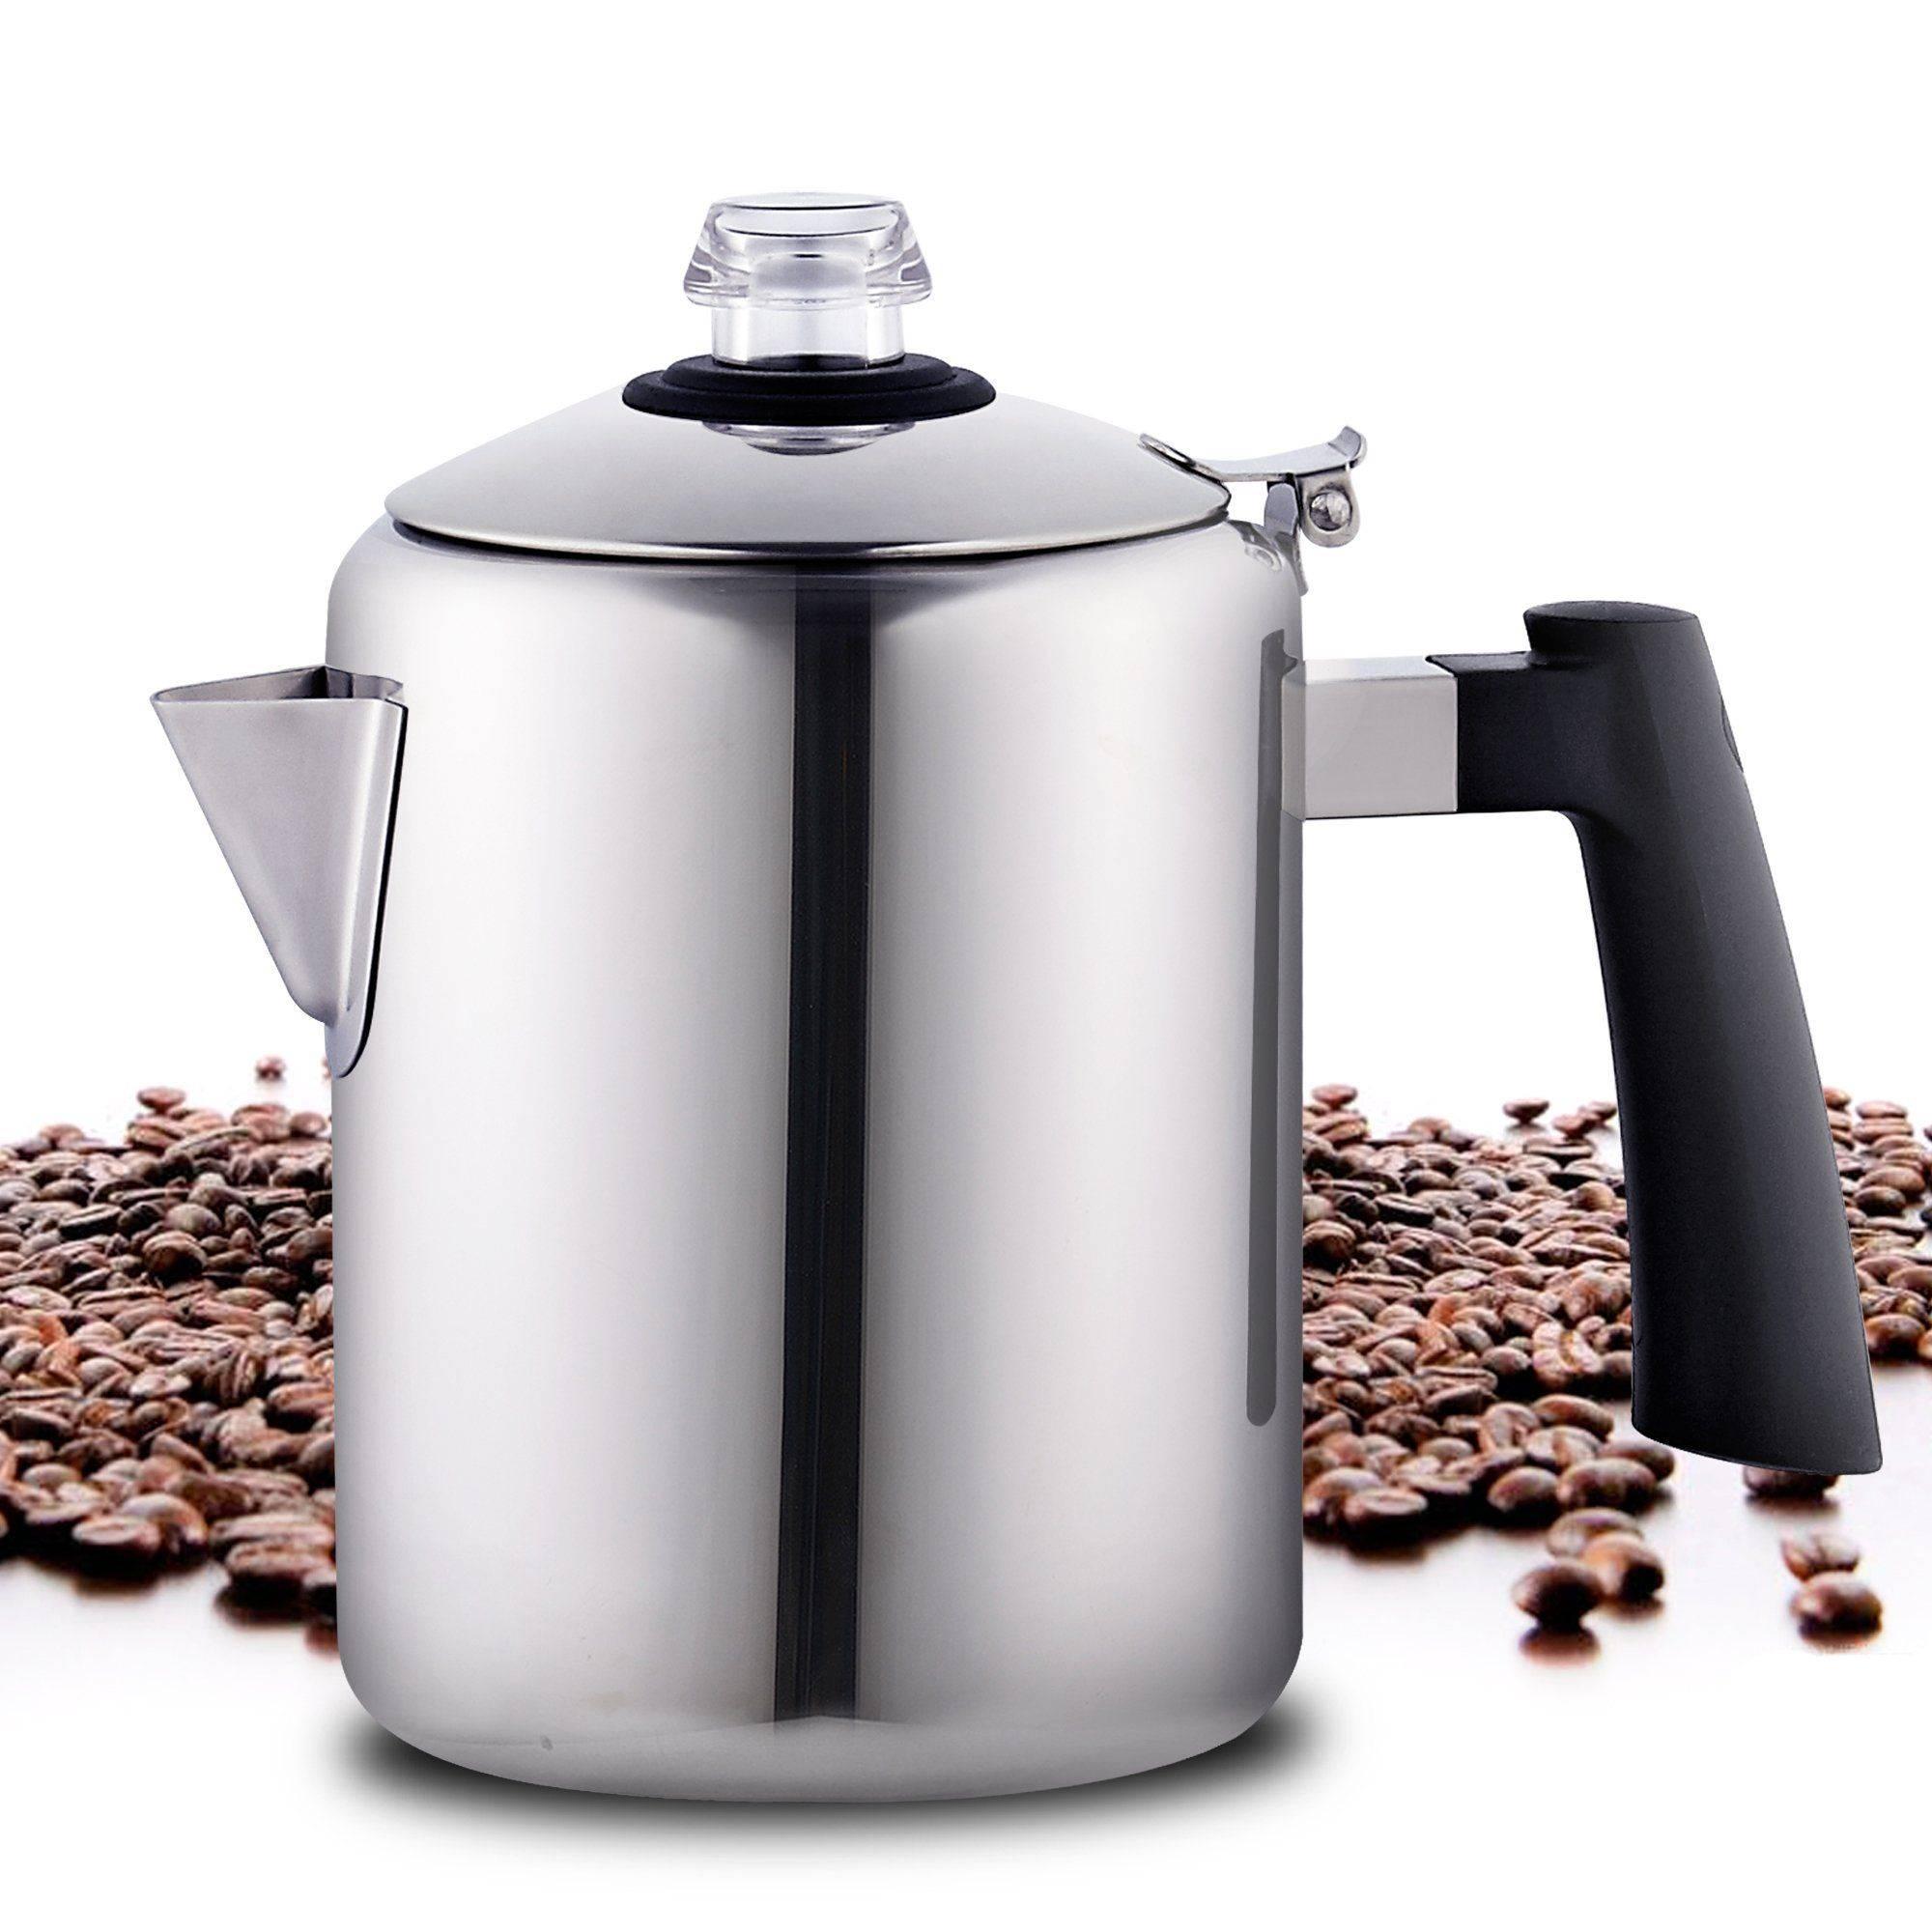 Сколько бар должно быть в кофеварке и на что влияет давление